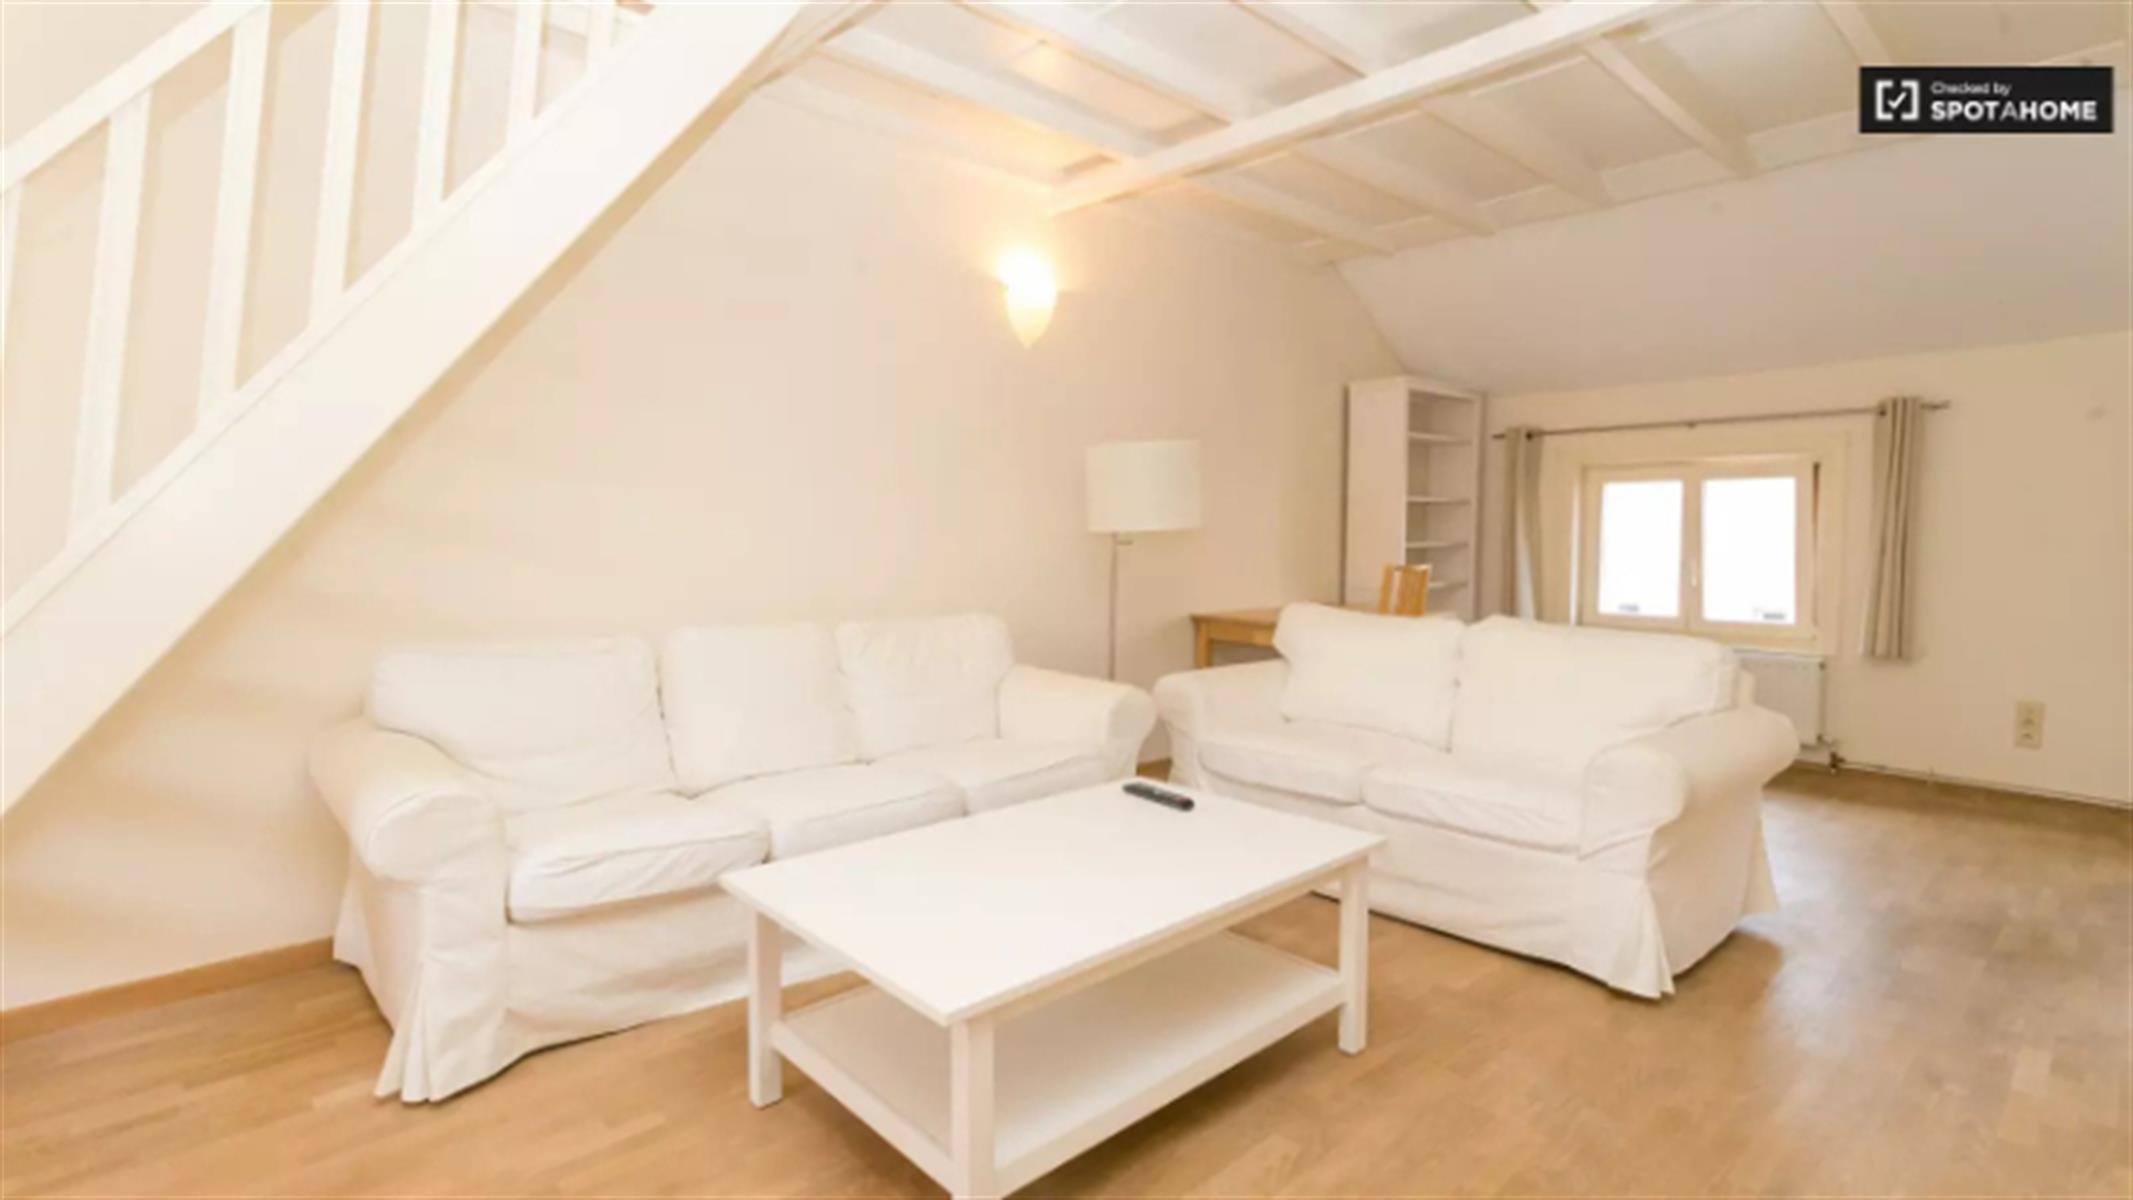 Appartement - Ixelles - #4150592-1